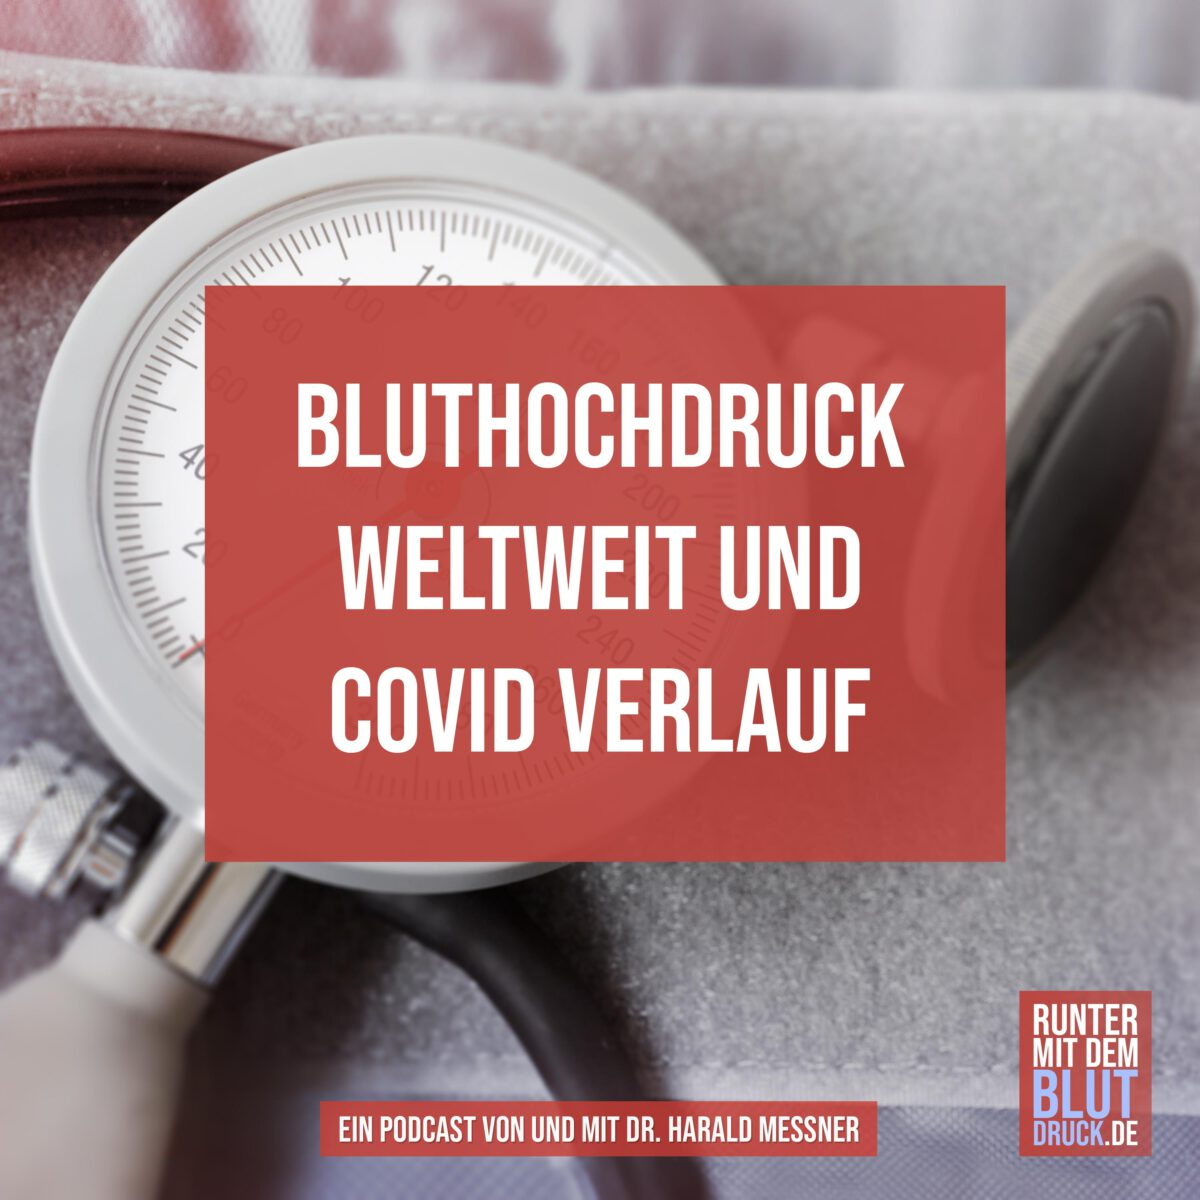 Bluthochdruck weltweit und COVID Verlauf